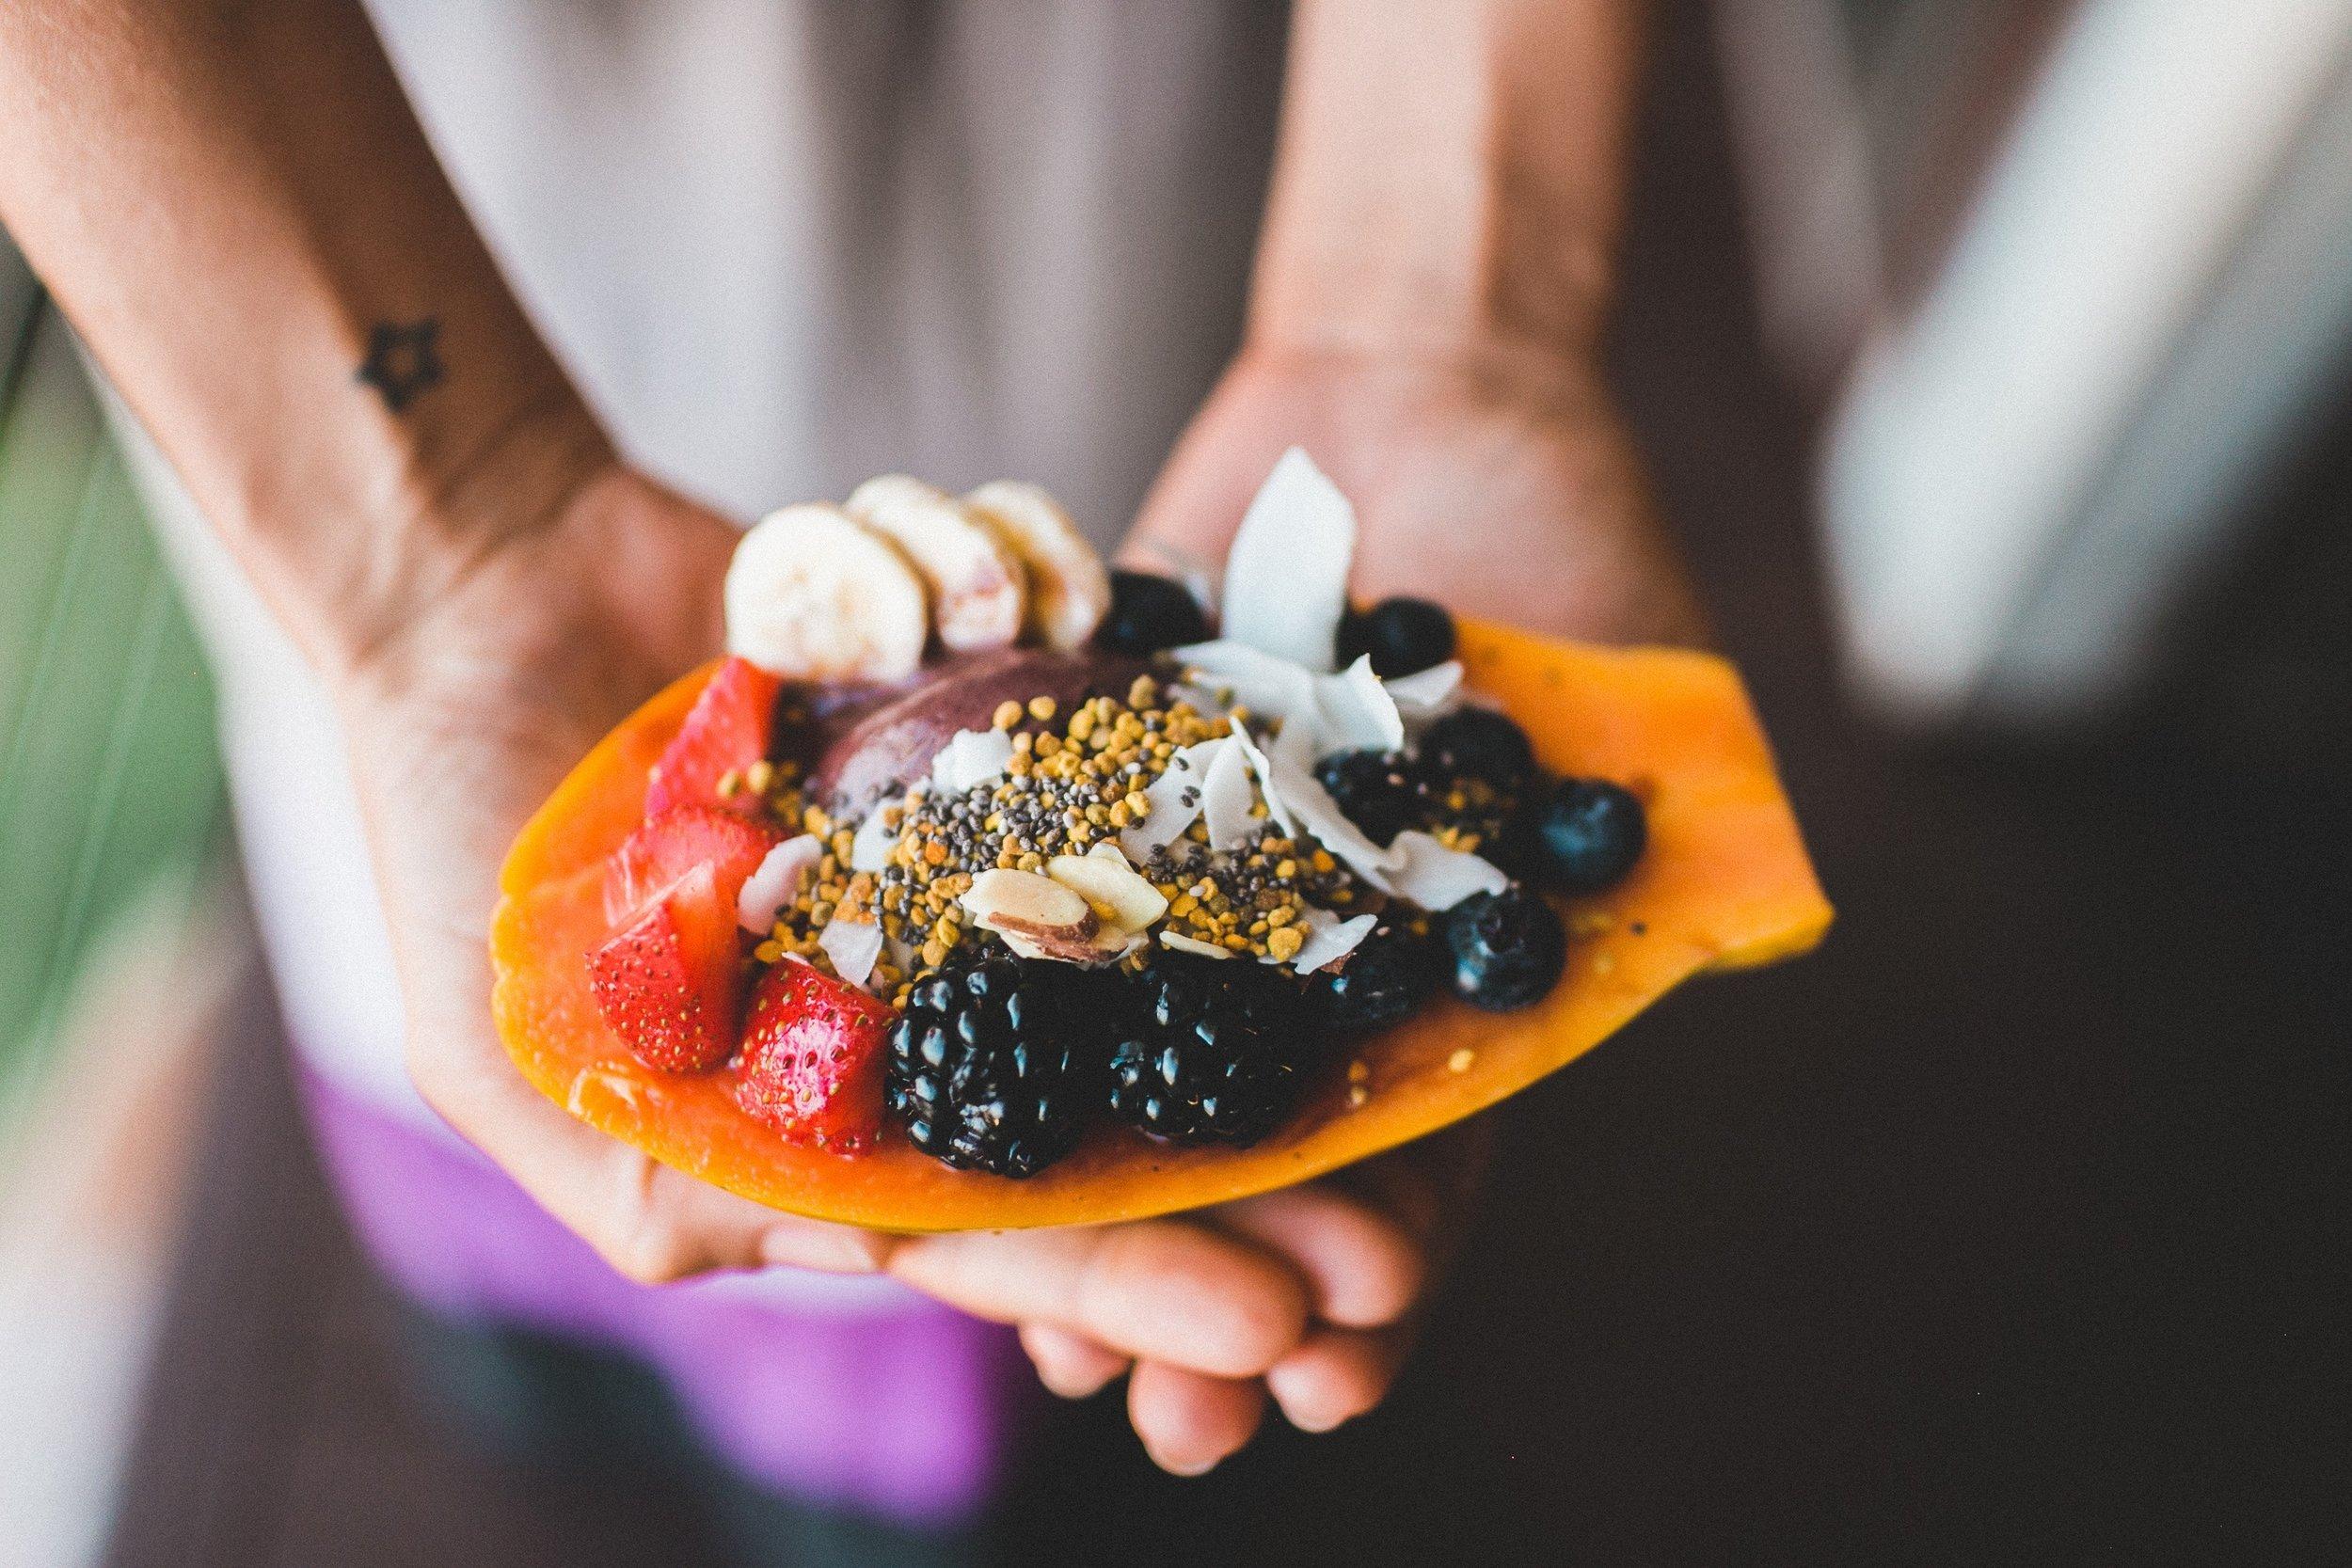 uwm.immune.diet.hand-plant-fruit-flower-dish-meal-633104-pxhere.com